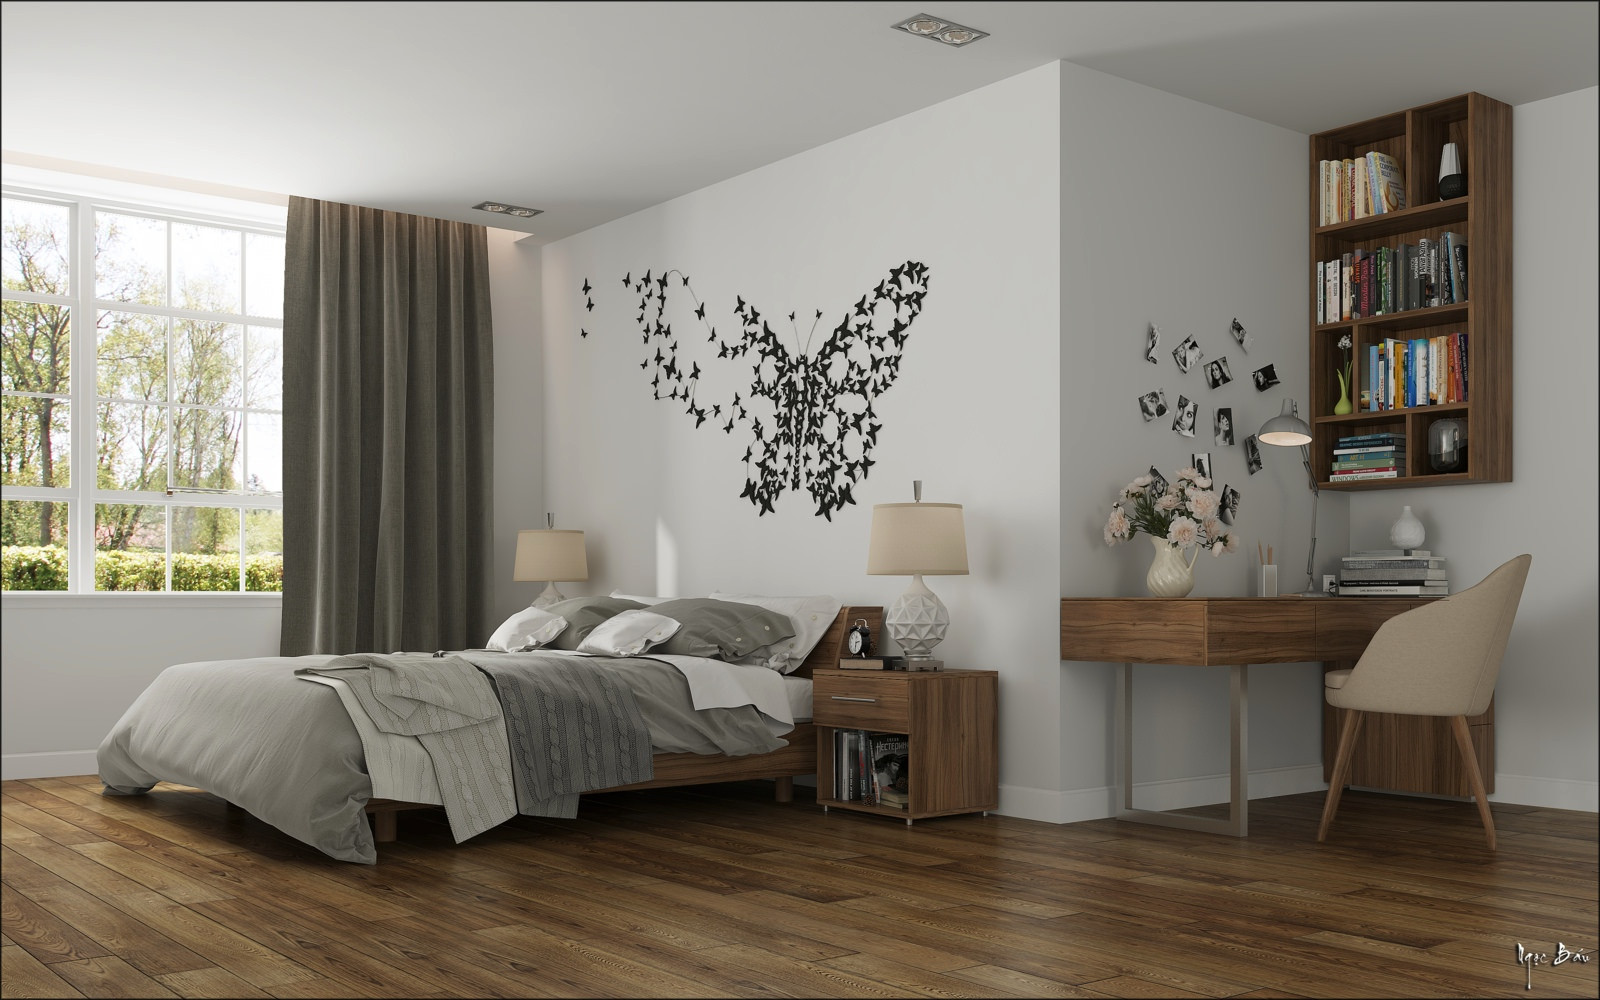 Wall Art Ideas Bedroom Bedroom butterfly Wall Art